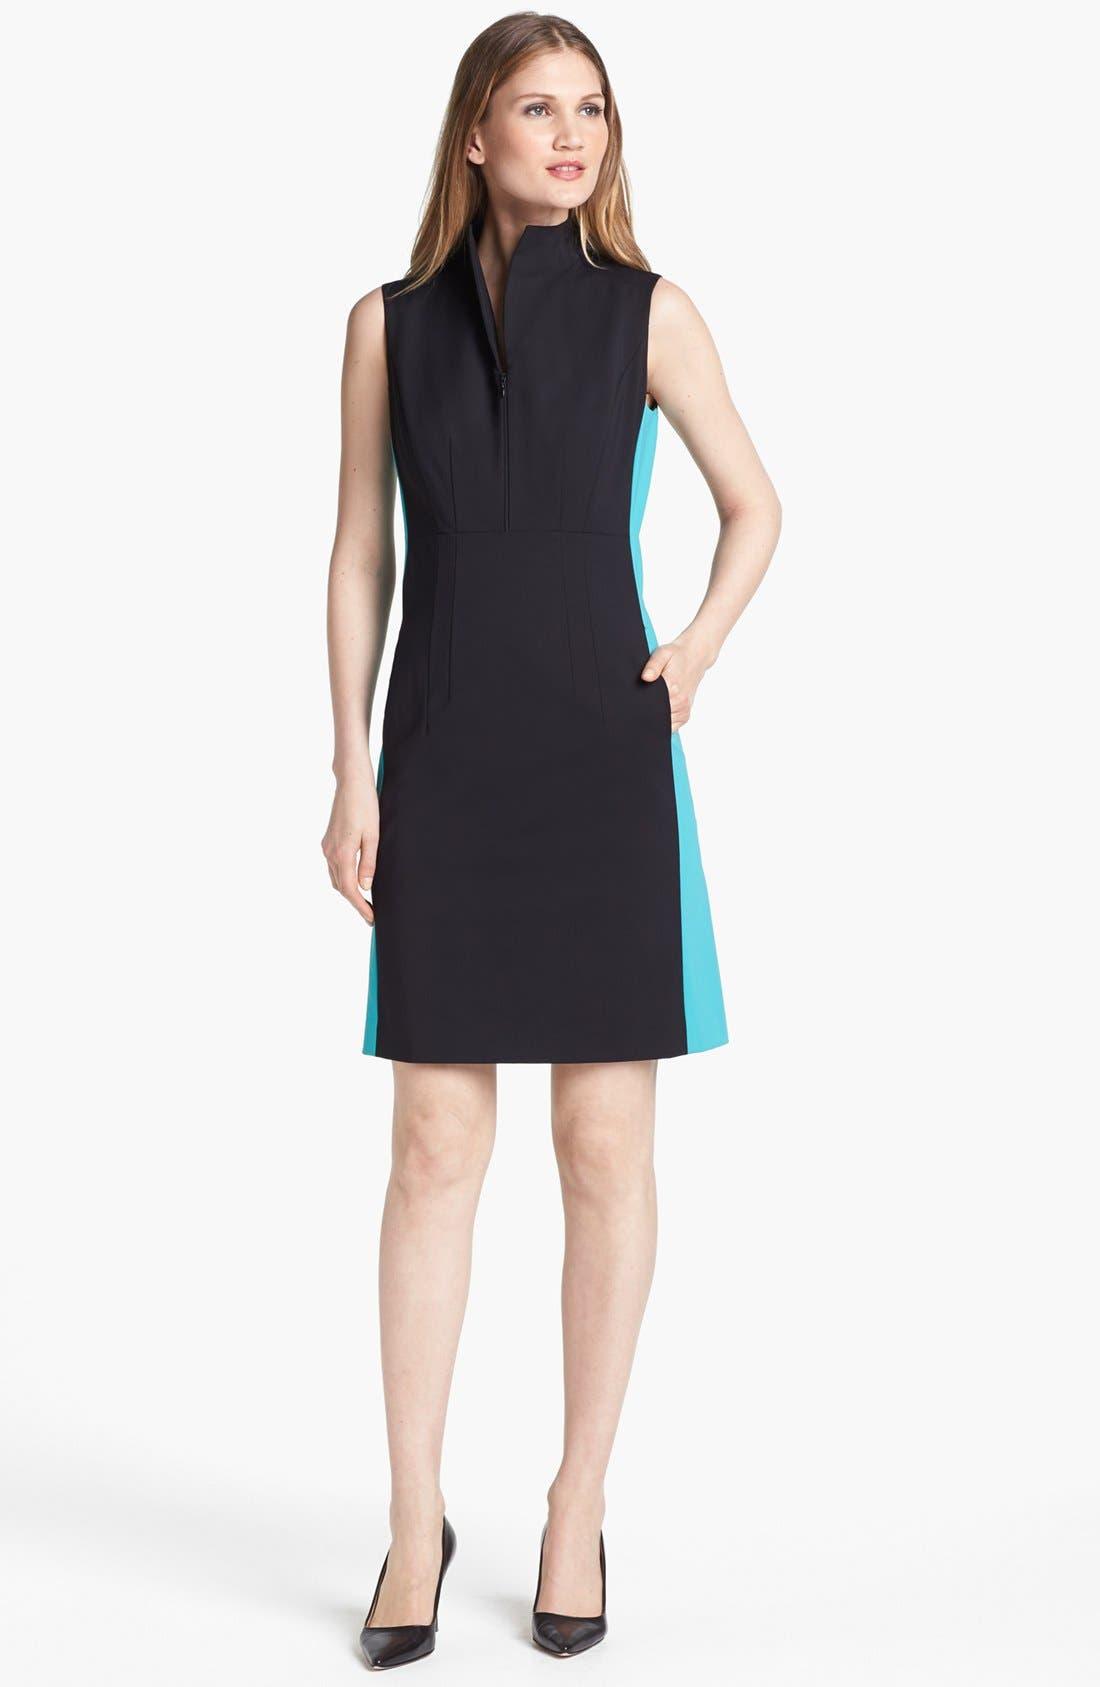 Alternate Image 1 Selected - Lafayette 148 New York 'Ashton' Dress